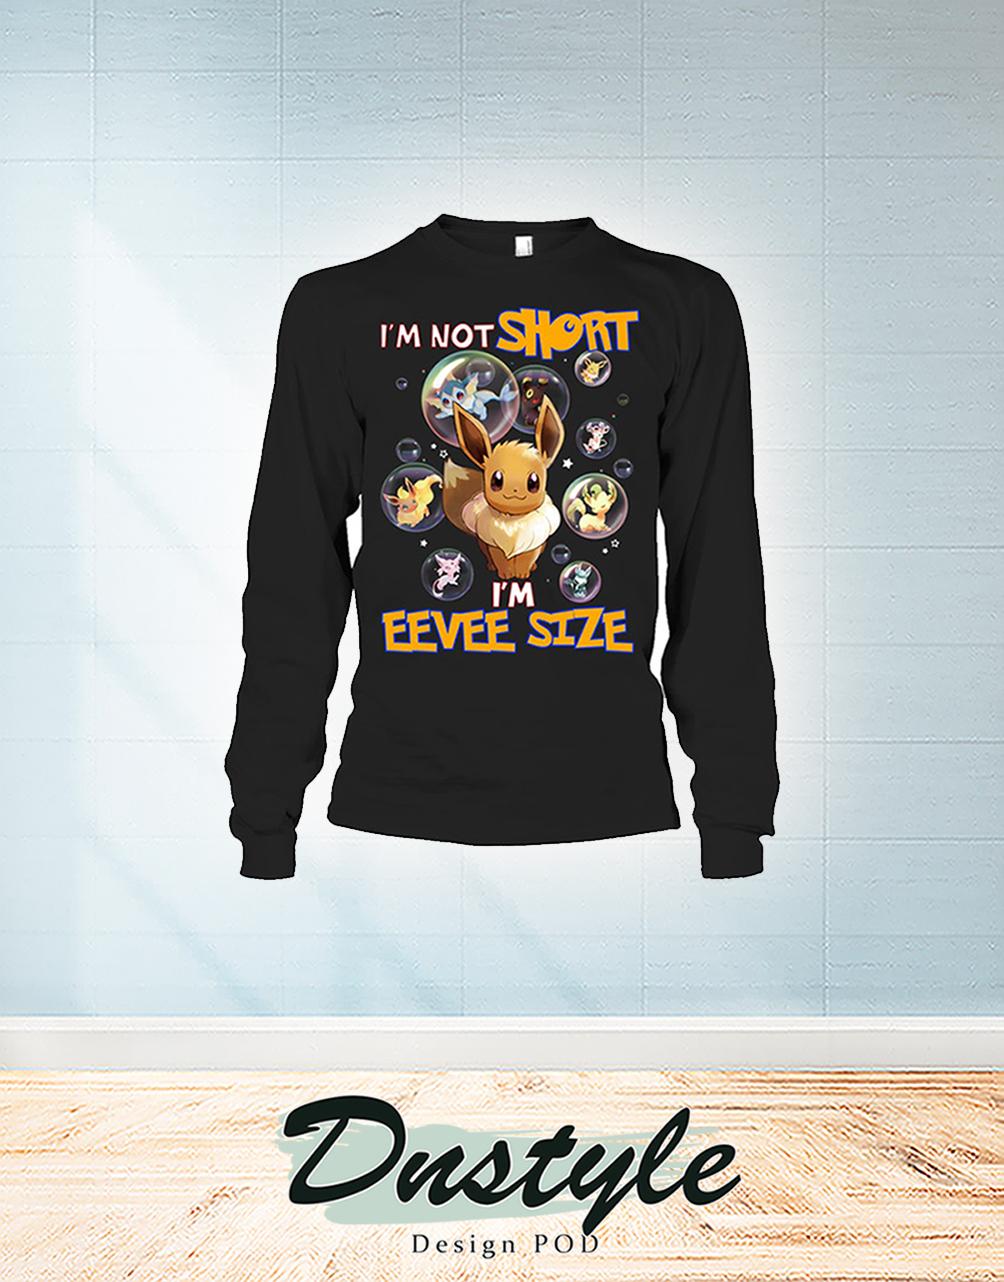 I'm not short I'm eevee size long sleeve